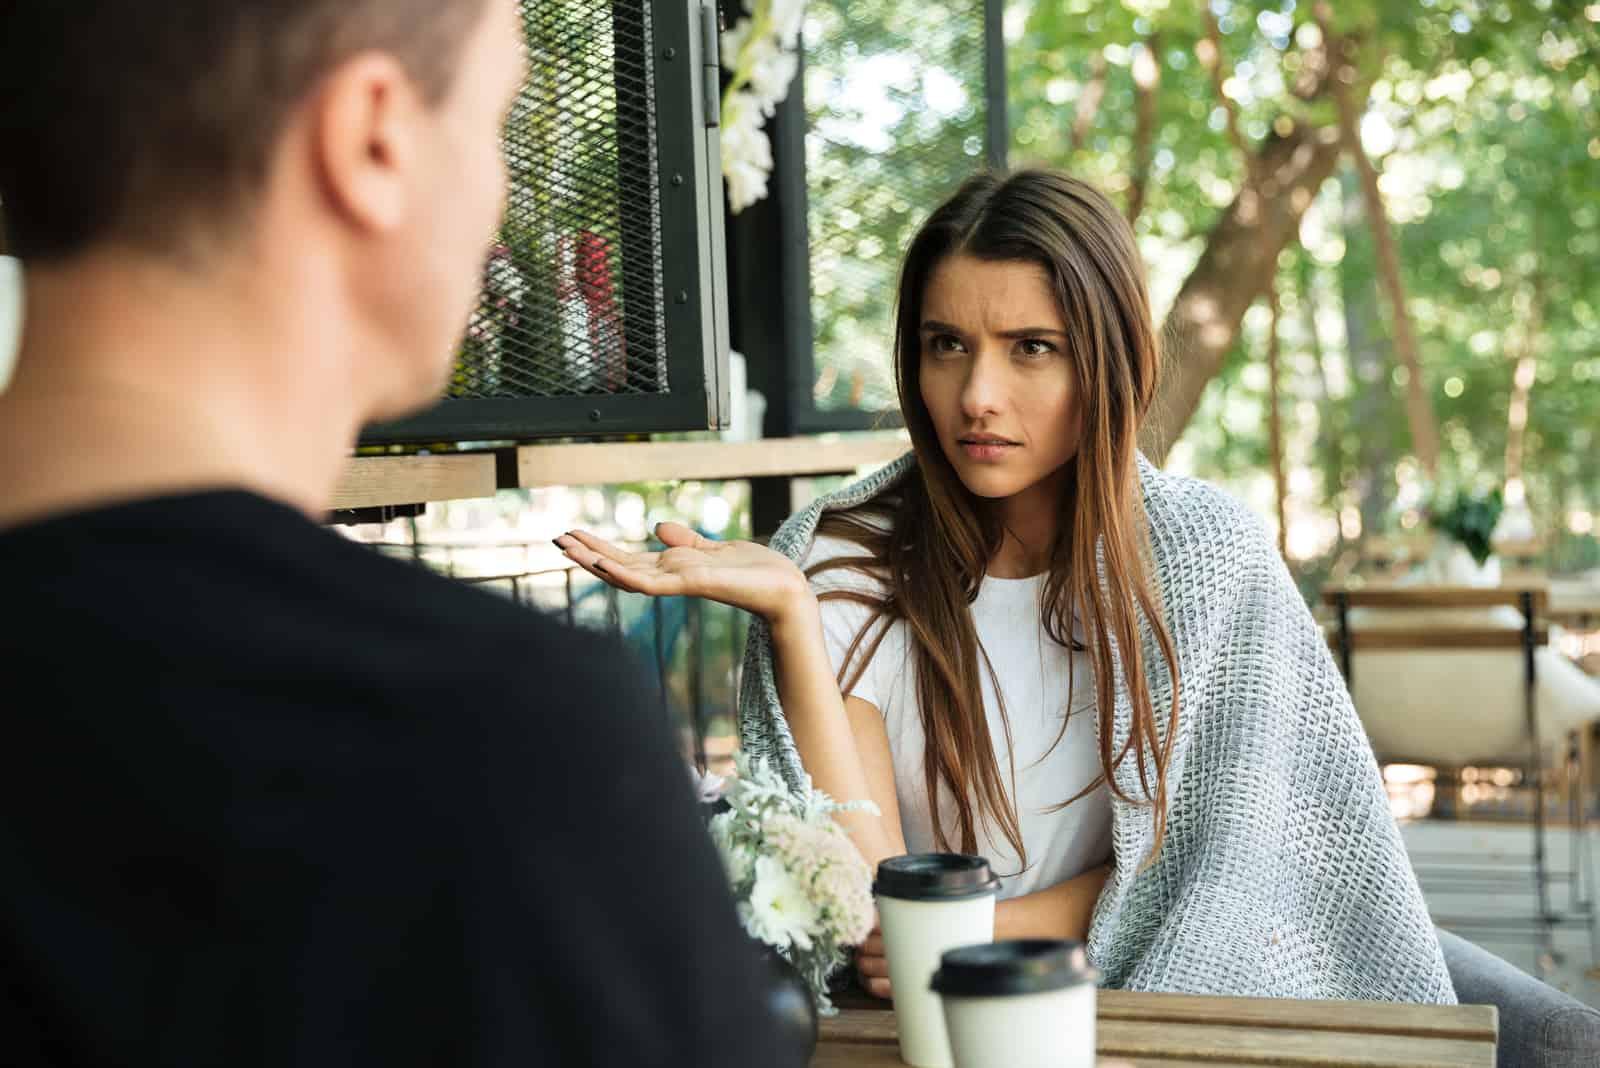 la femme parle confusément avec l'homme